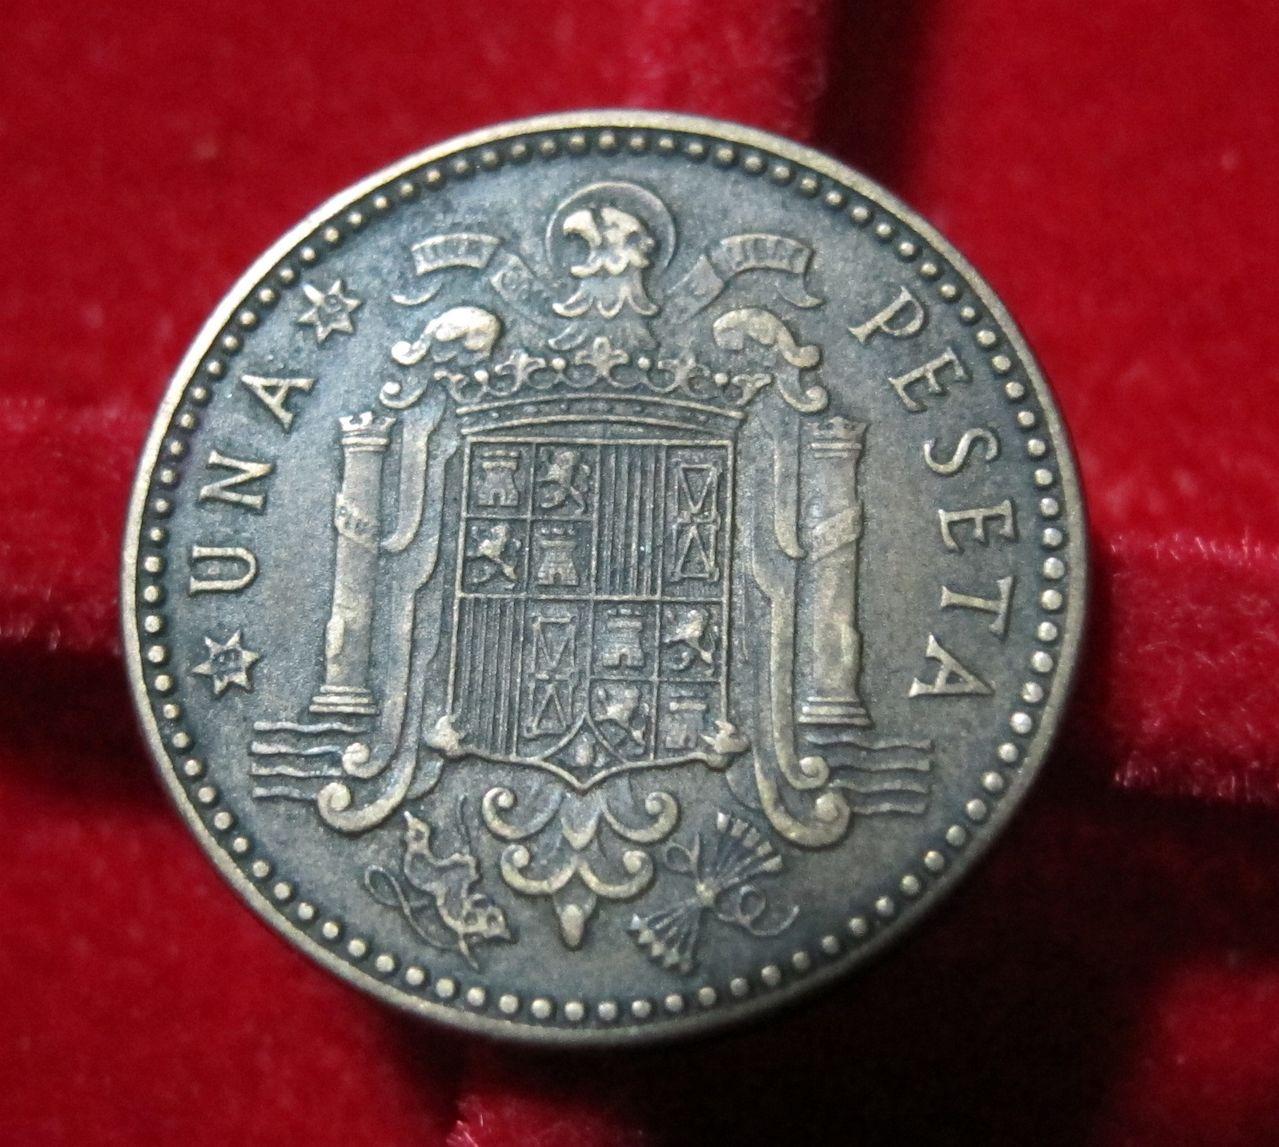 1 Peseta 1947 *49. Estado español. Conservación? Pes49_2